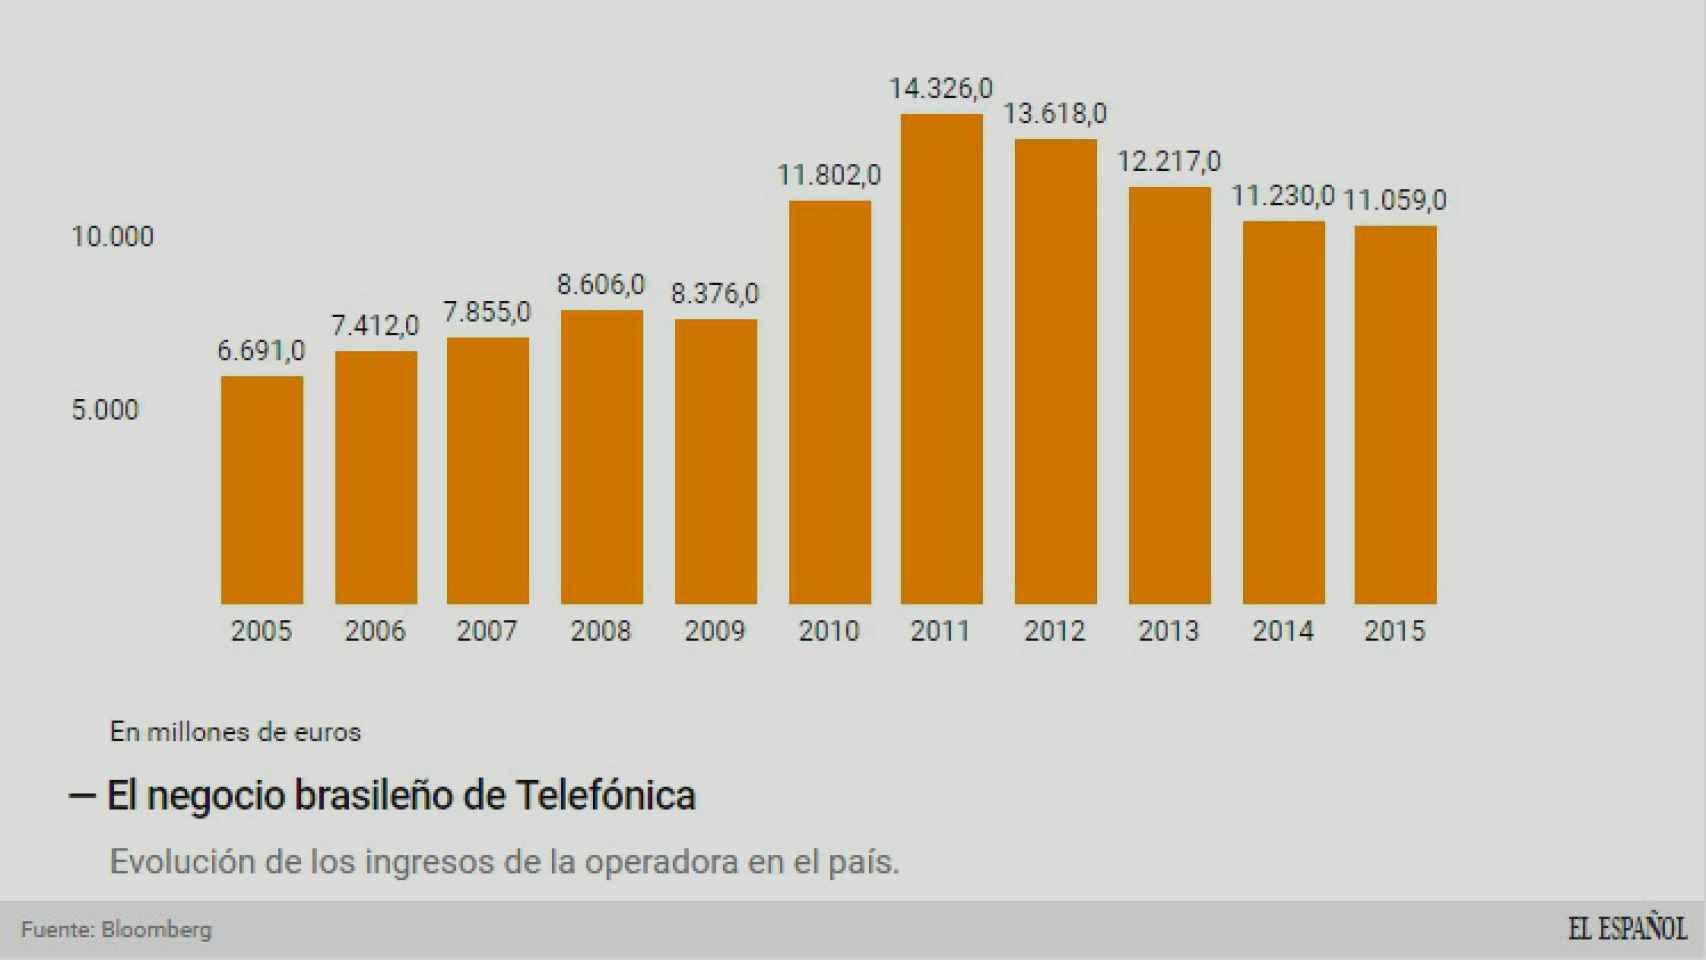 El negocio brasileño de Telefónica.